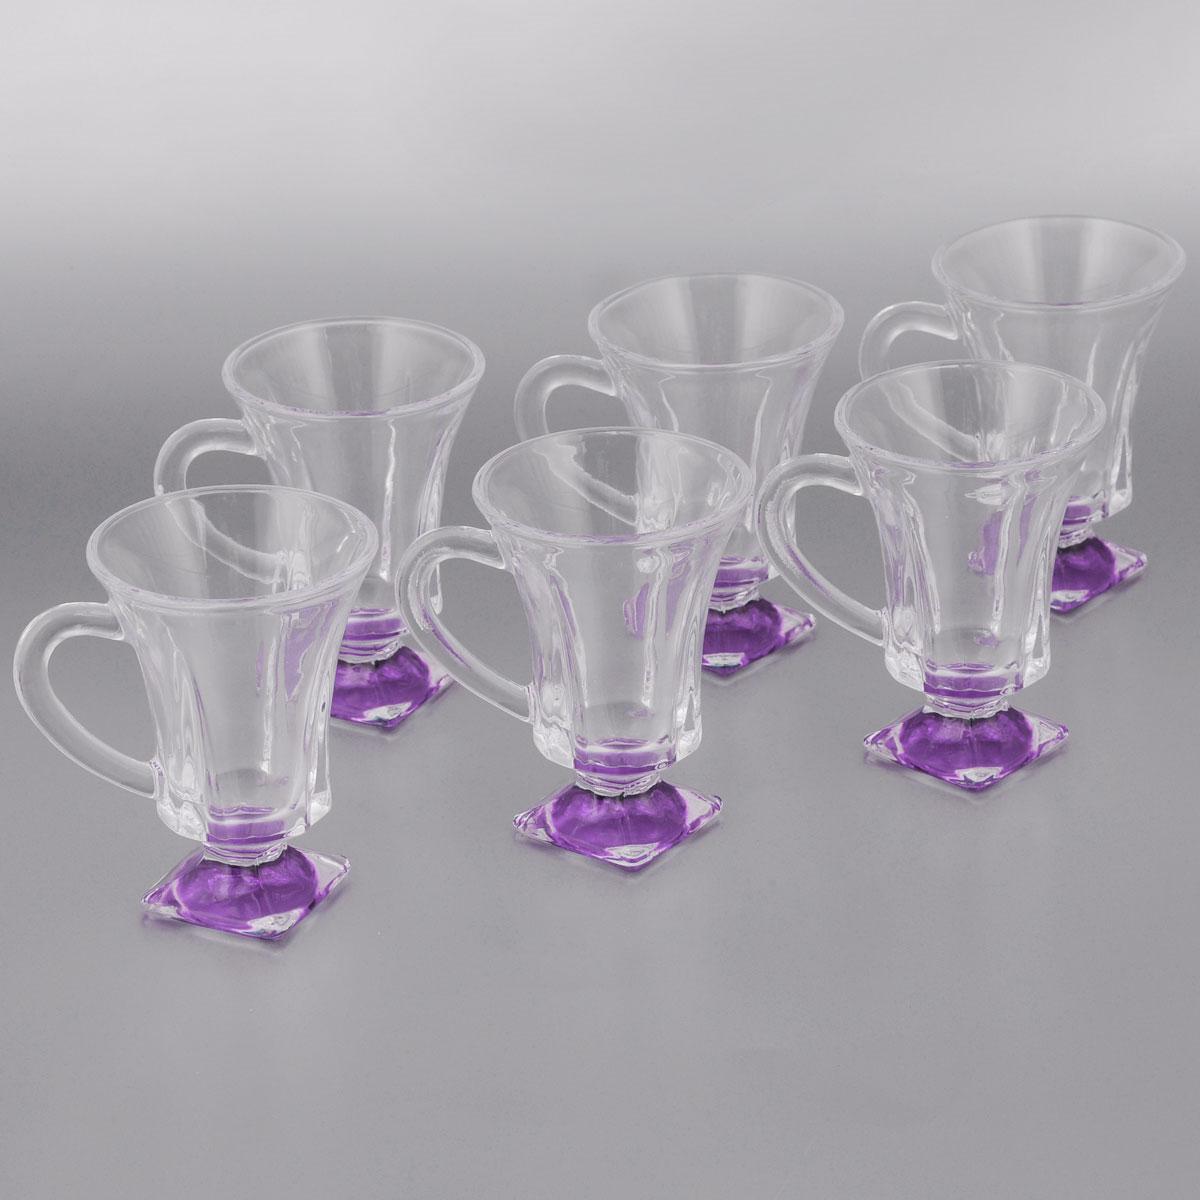 20220 Набор стаканов для глинтвейна 6 предметов Mayer & Boch сиреневый20220Набор стаканов 6 предметов материал: стекло объем 150 мл размер упаковки:30,5х27х9см